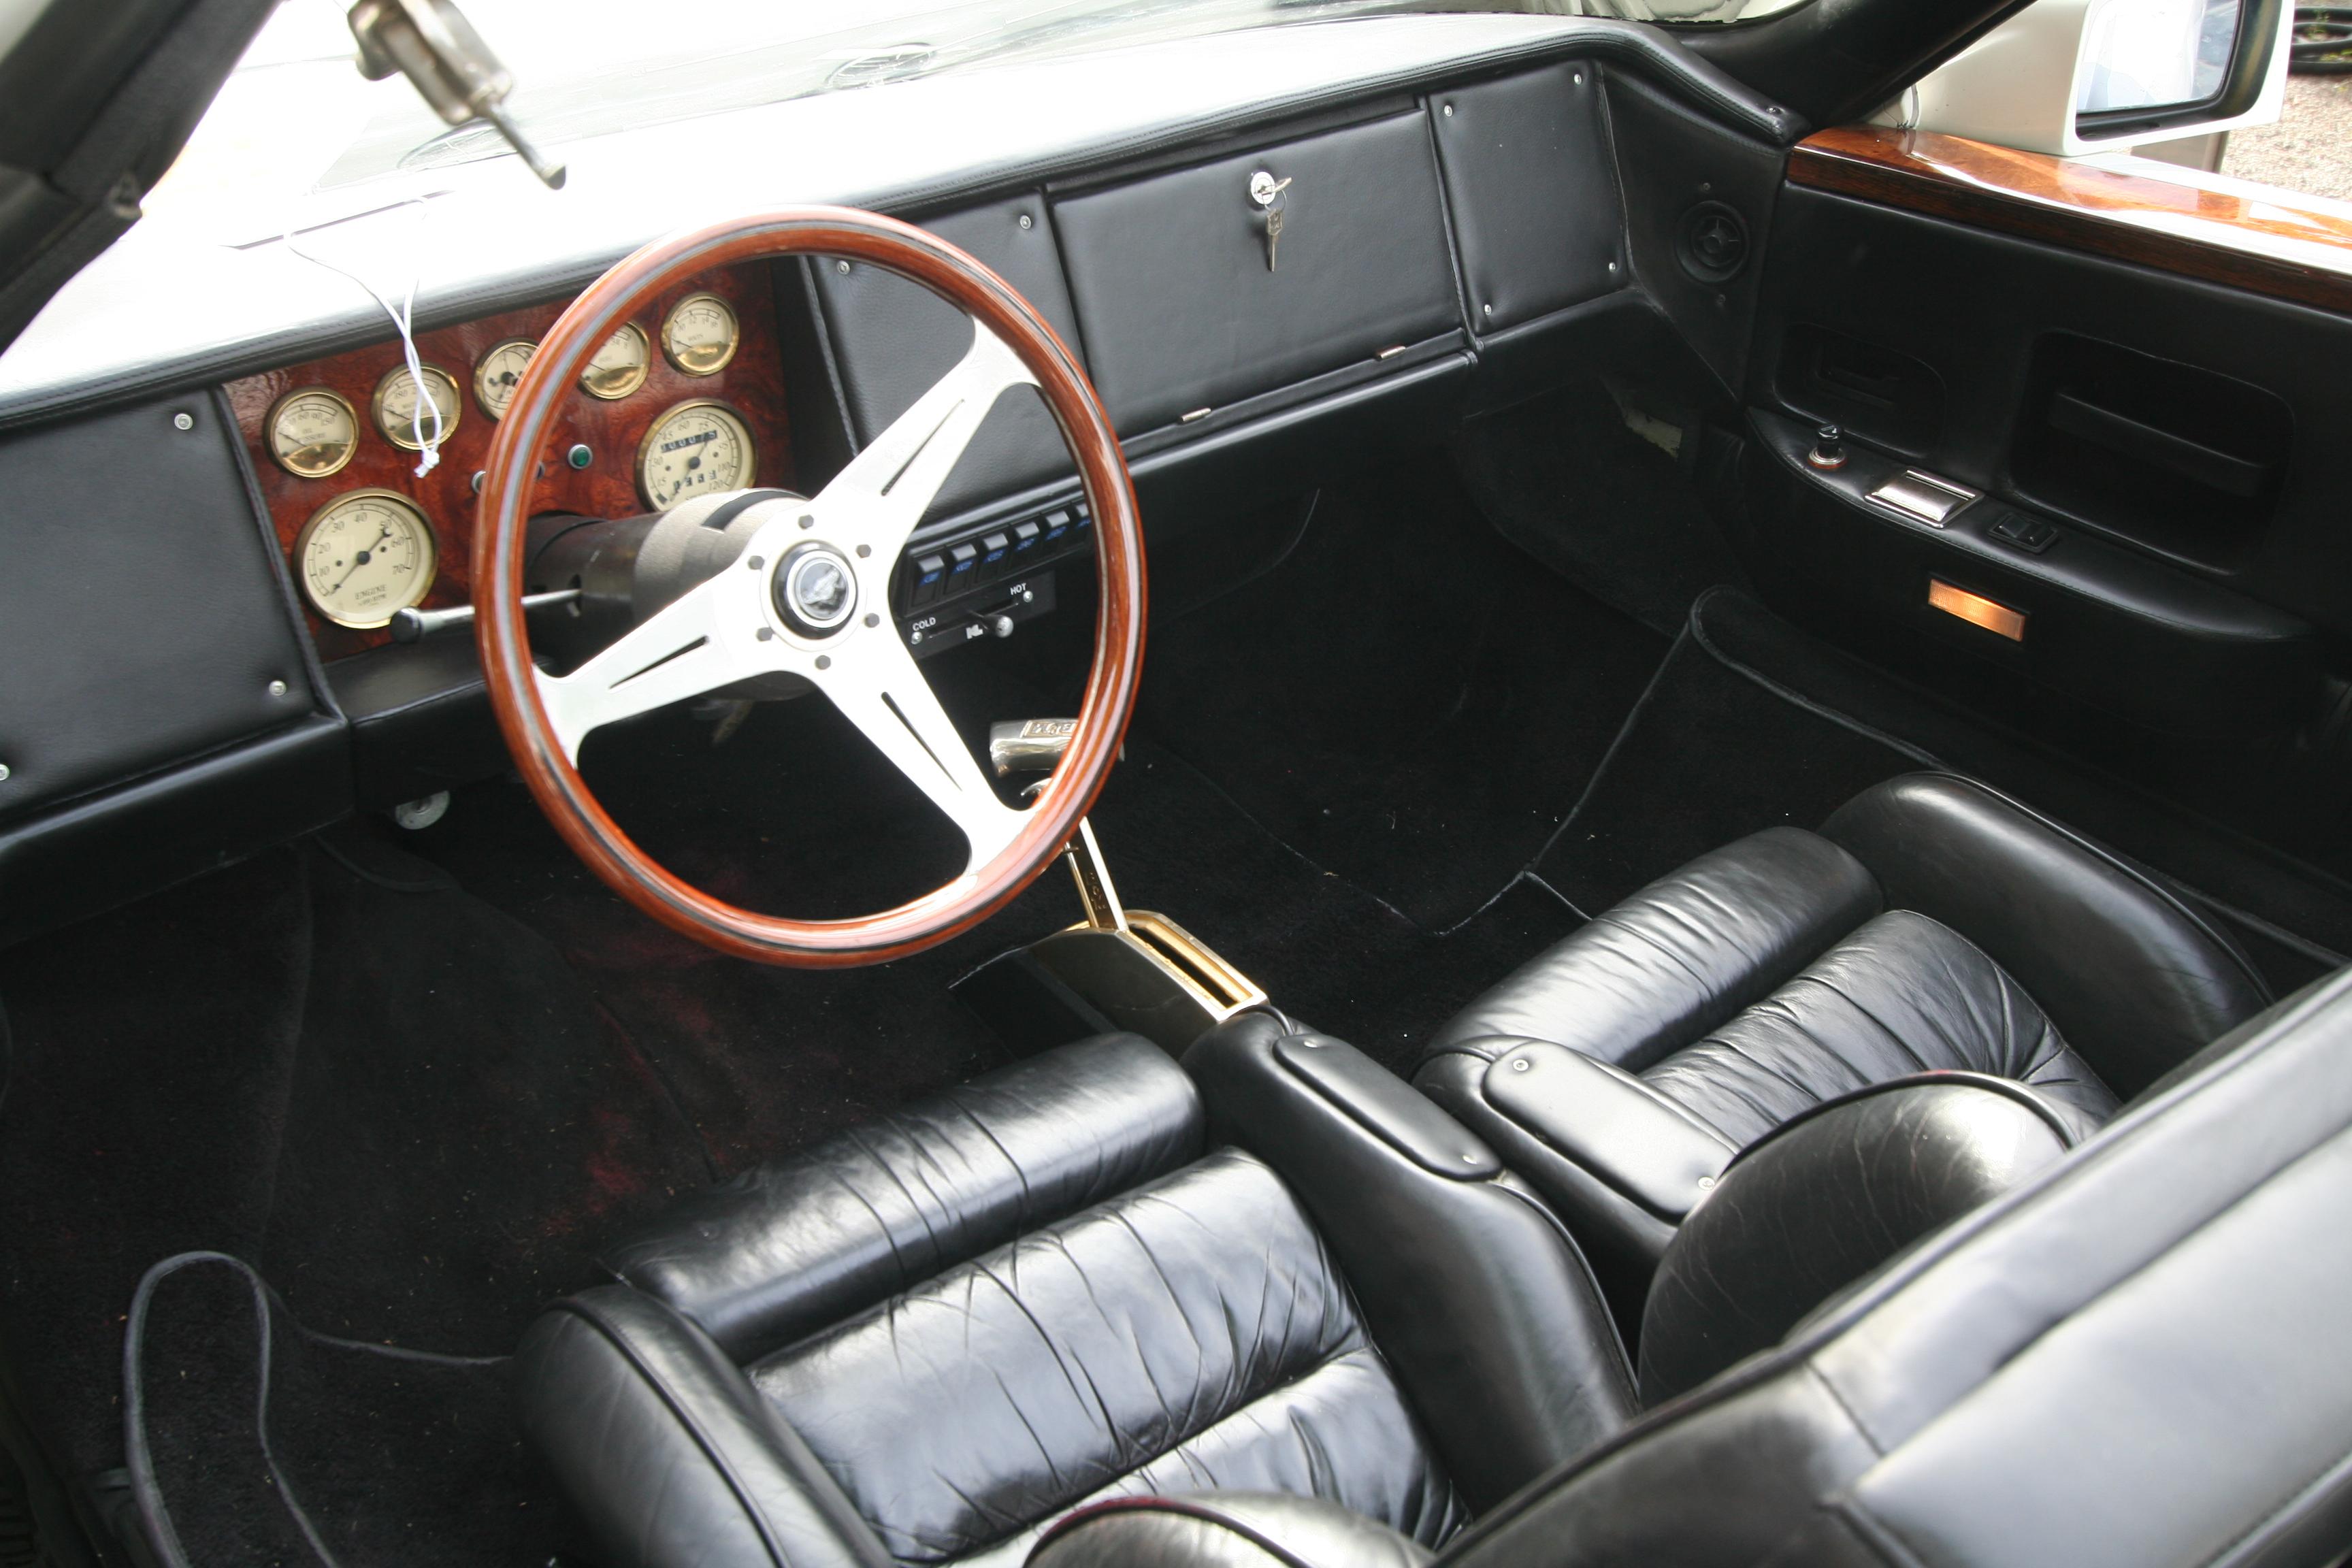 Interiøret på bil #2 fremstår i dag som veldig nøkternt og ryddig, og det hele er kledd i svart skinn.